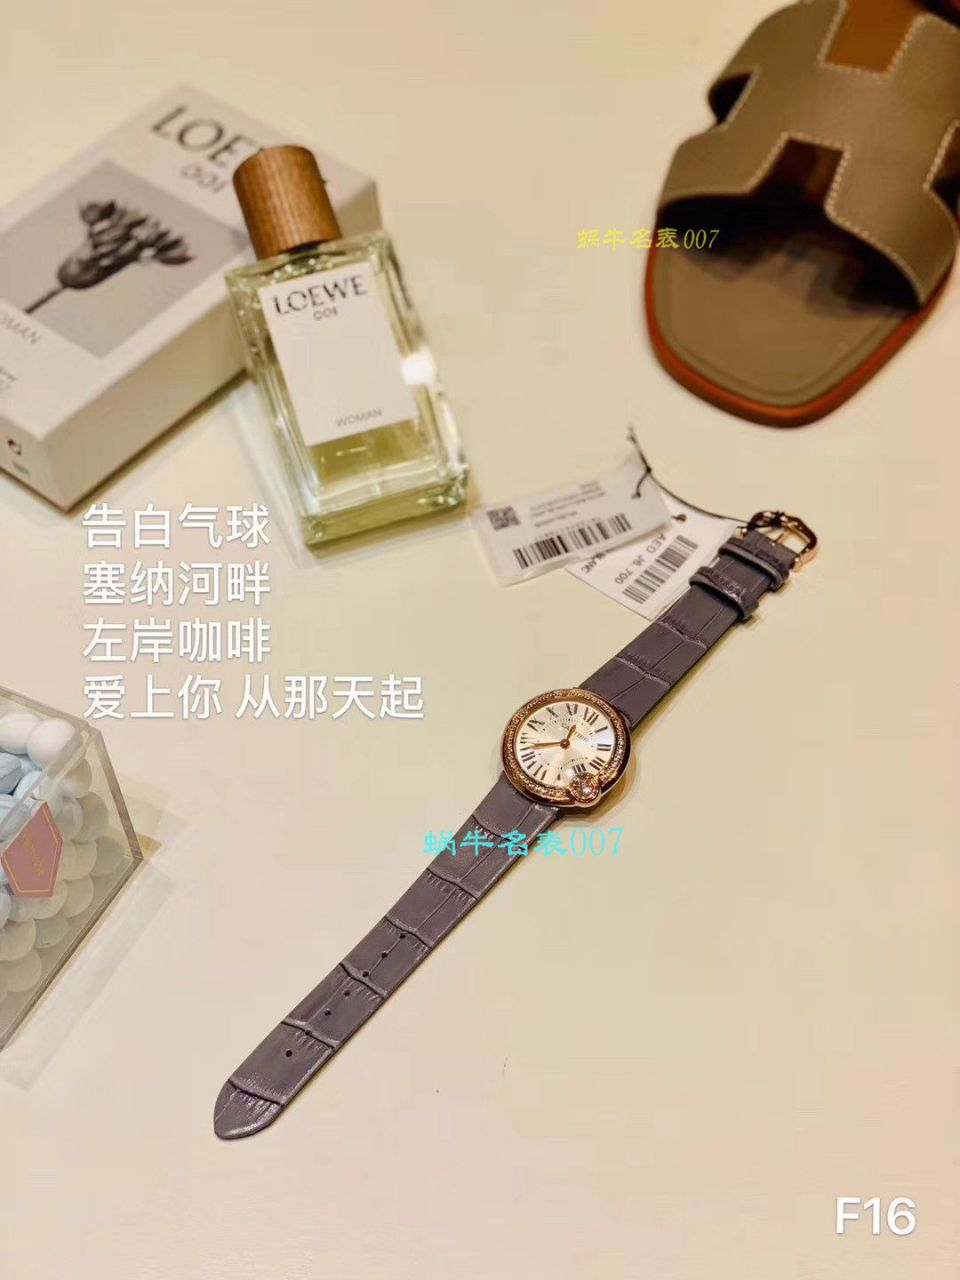 【台湾厂复刻女表】卡地亚BALLON BLANC DE CARTIER系列WGBL0005腕表 / K230